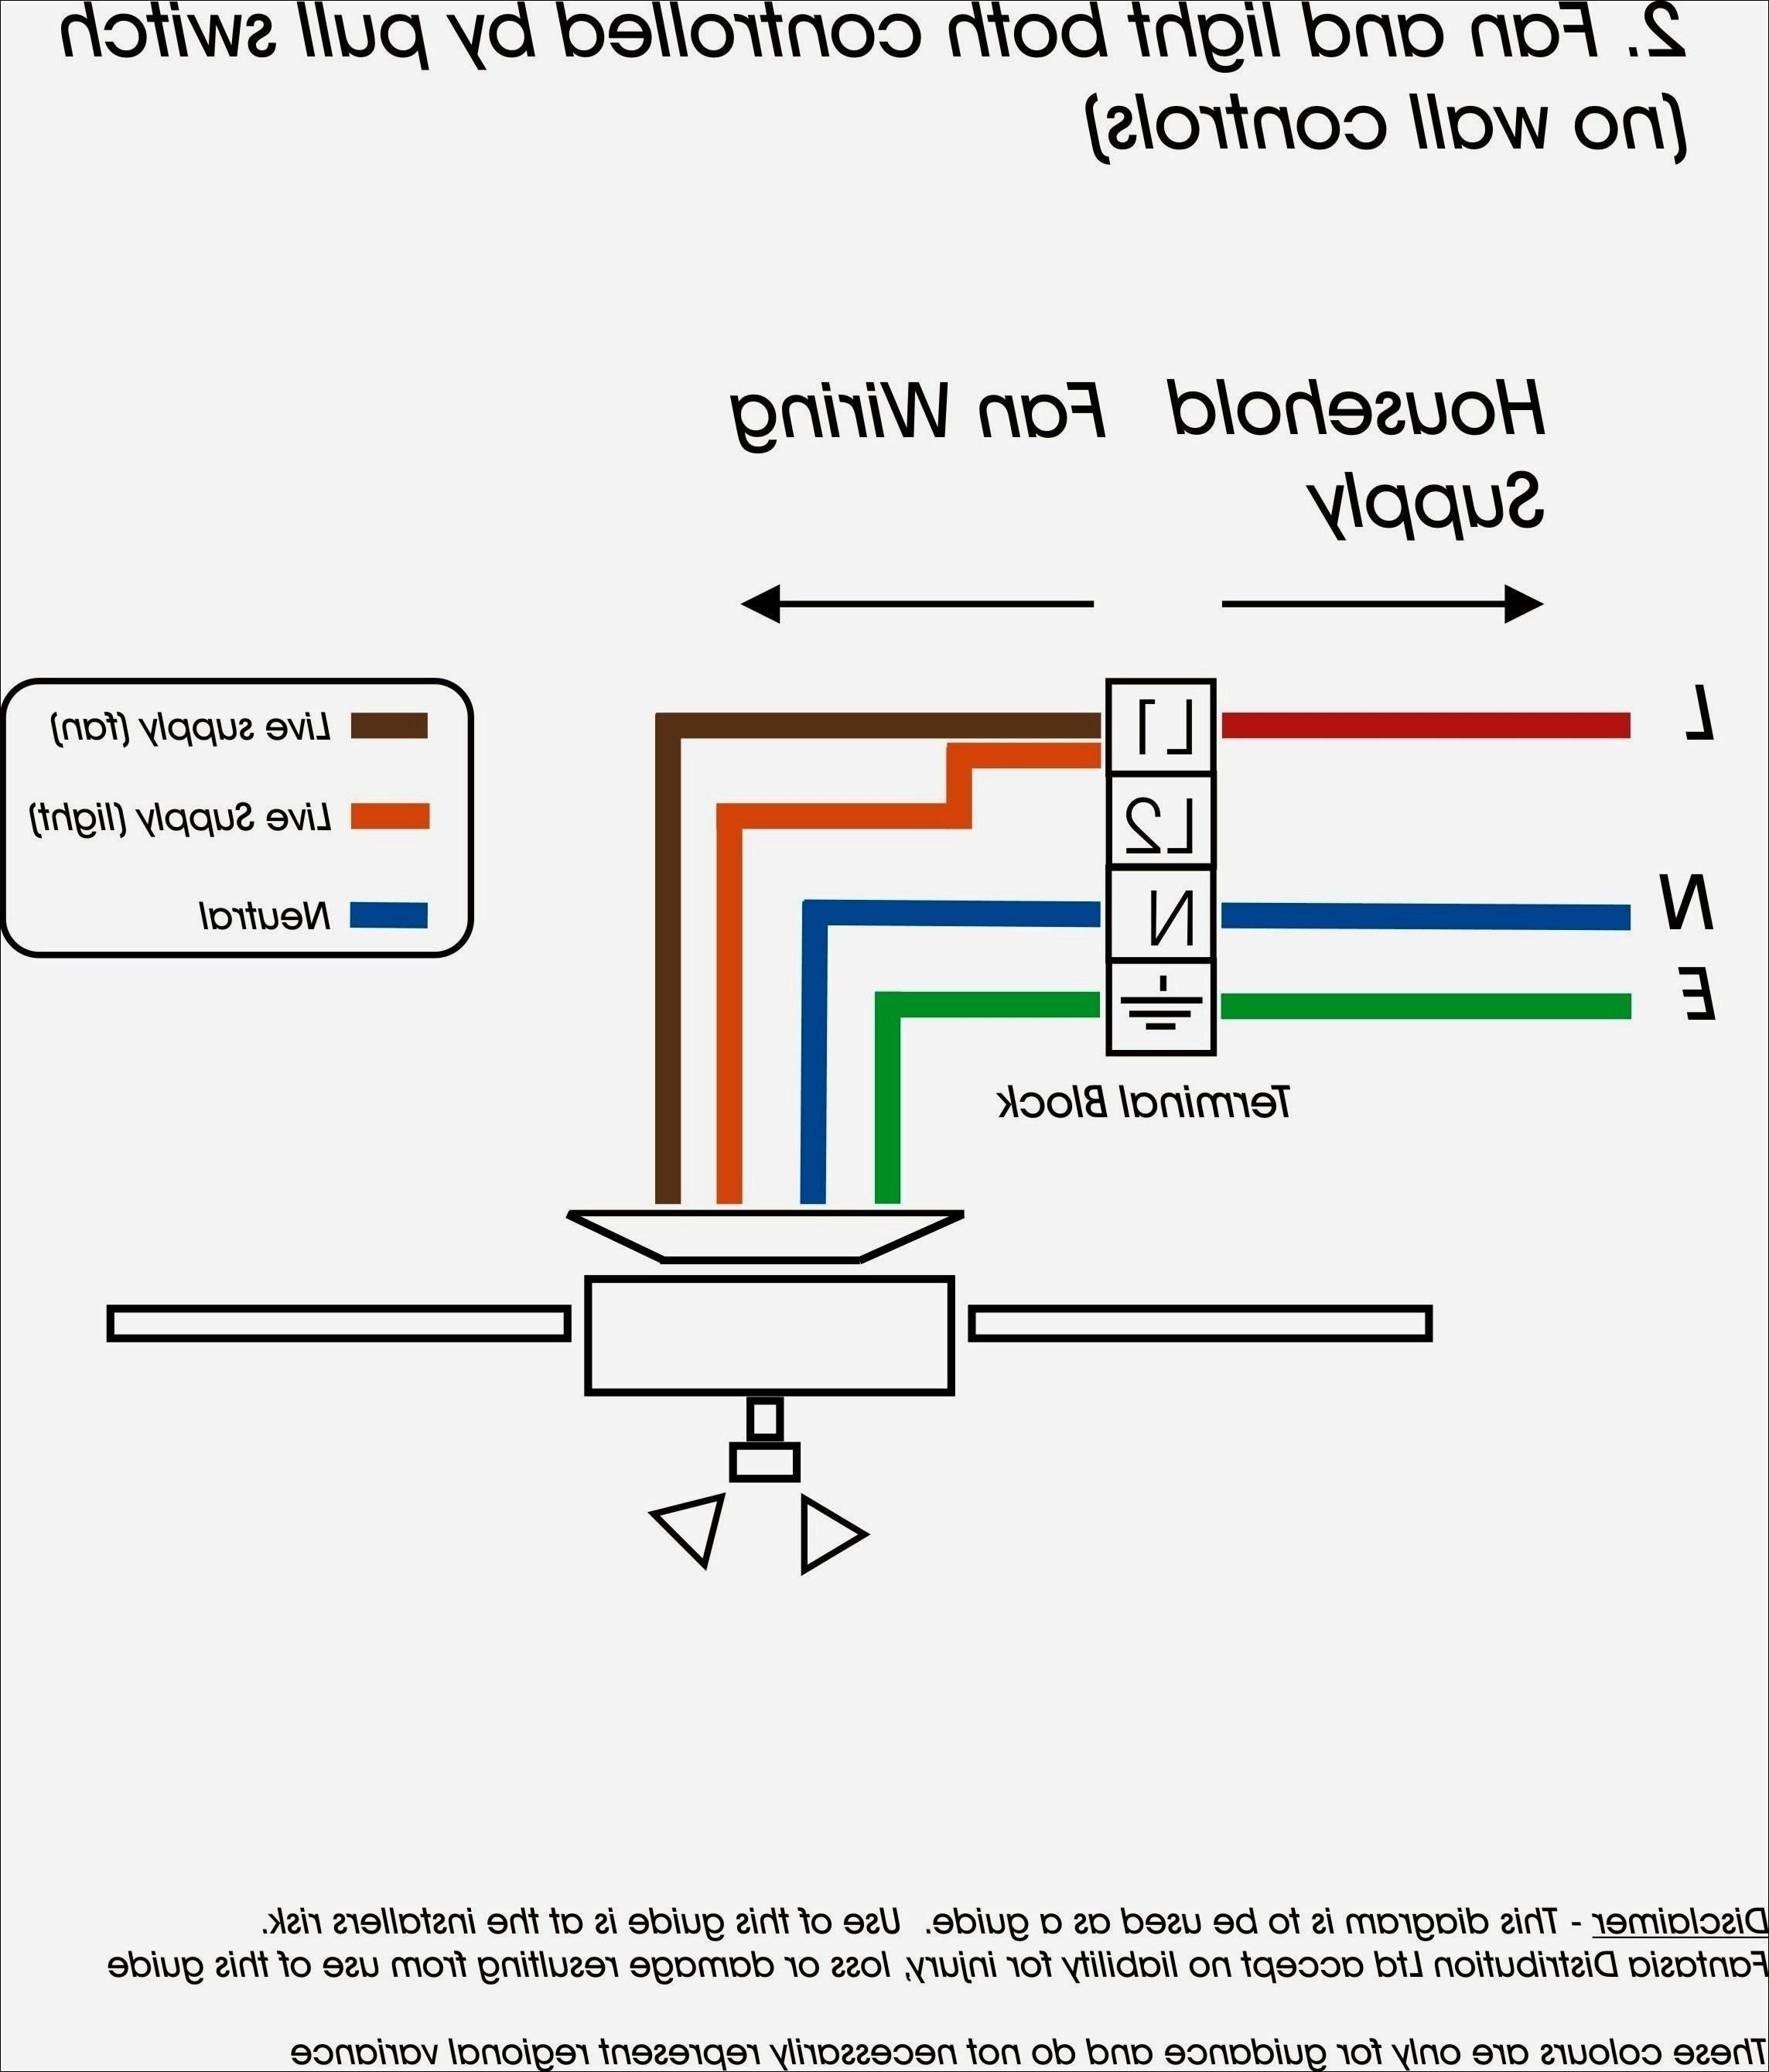 bathroom fan with timer wiring diagram Collection-Wiring Diagram for Bathroom Fan with Timer 2019 Wiring Diagram Bathroom Extractor Fan New Wiring Diagram 3-l